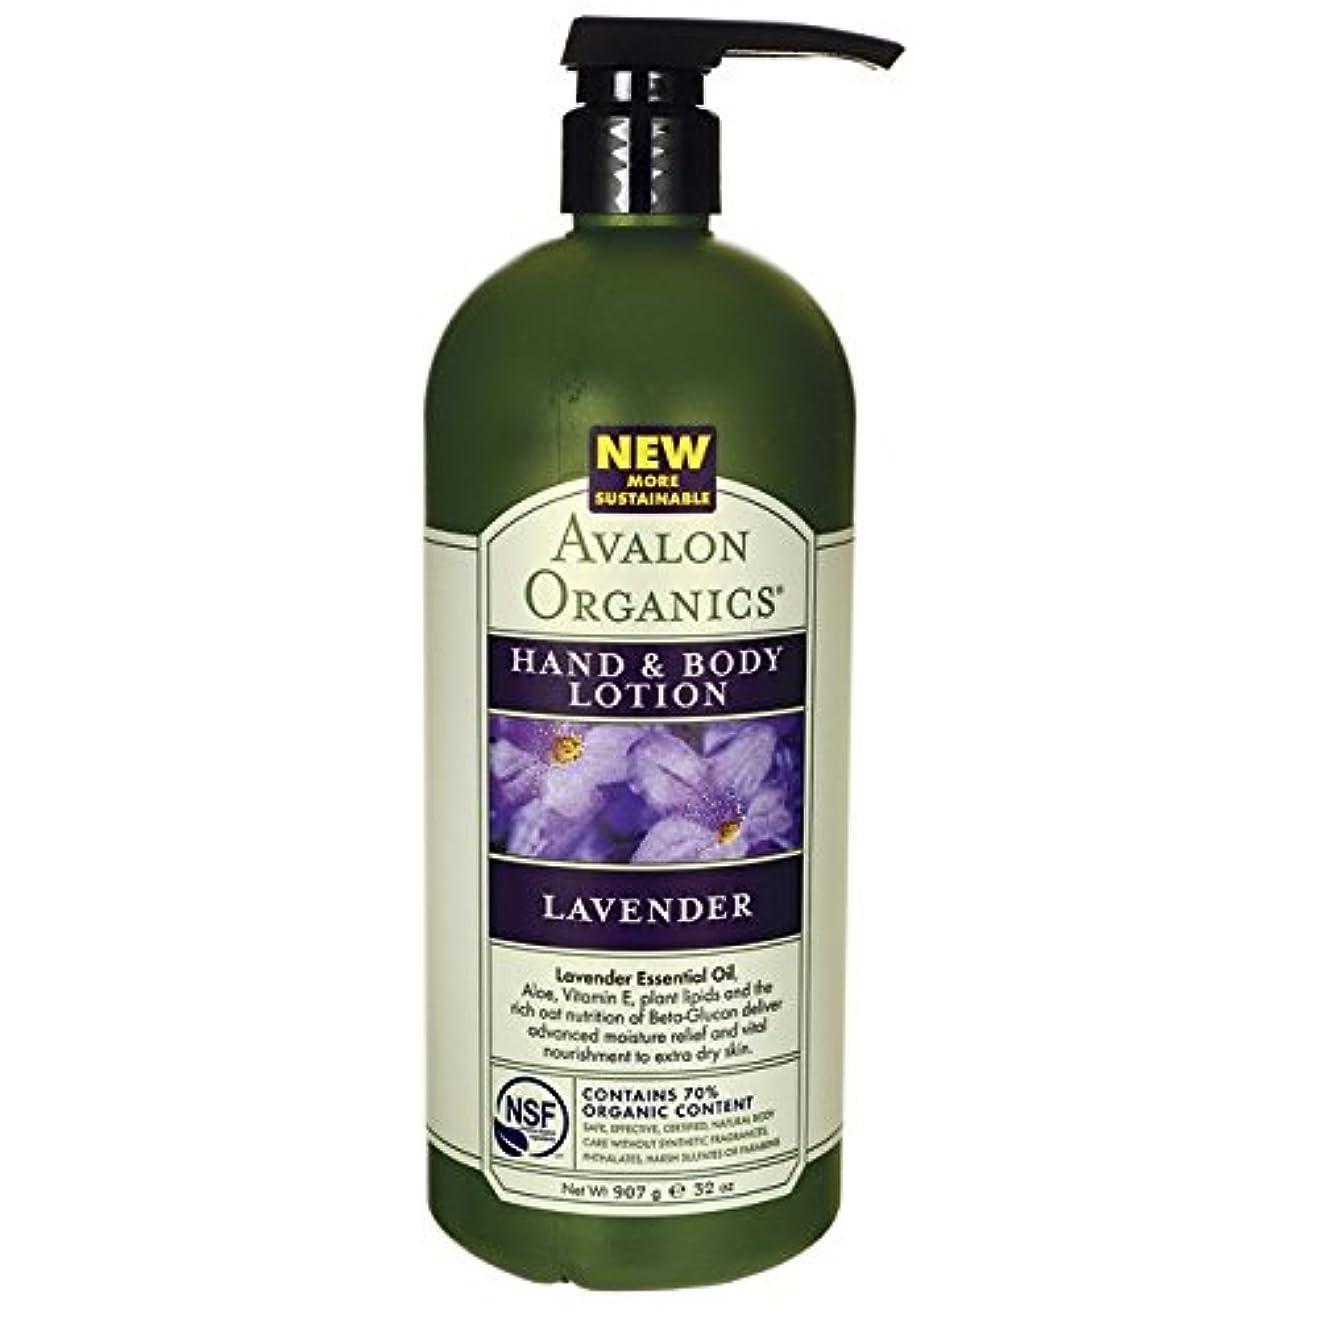 ハンドブックオン練習【Avalon Organics】 ハンド&ボディーローション ラベンダーの香り 907g [並行輸入品]